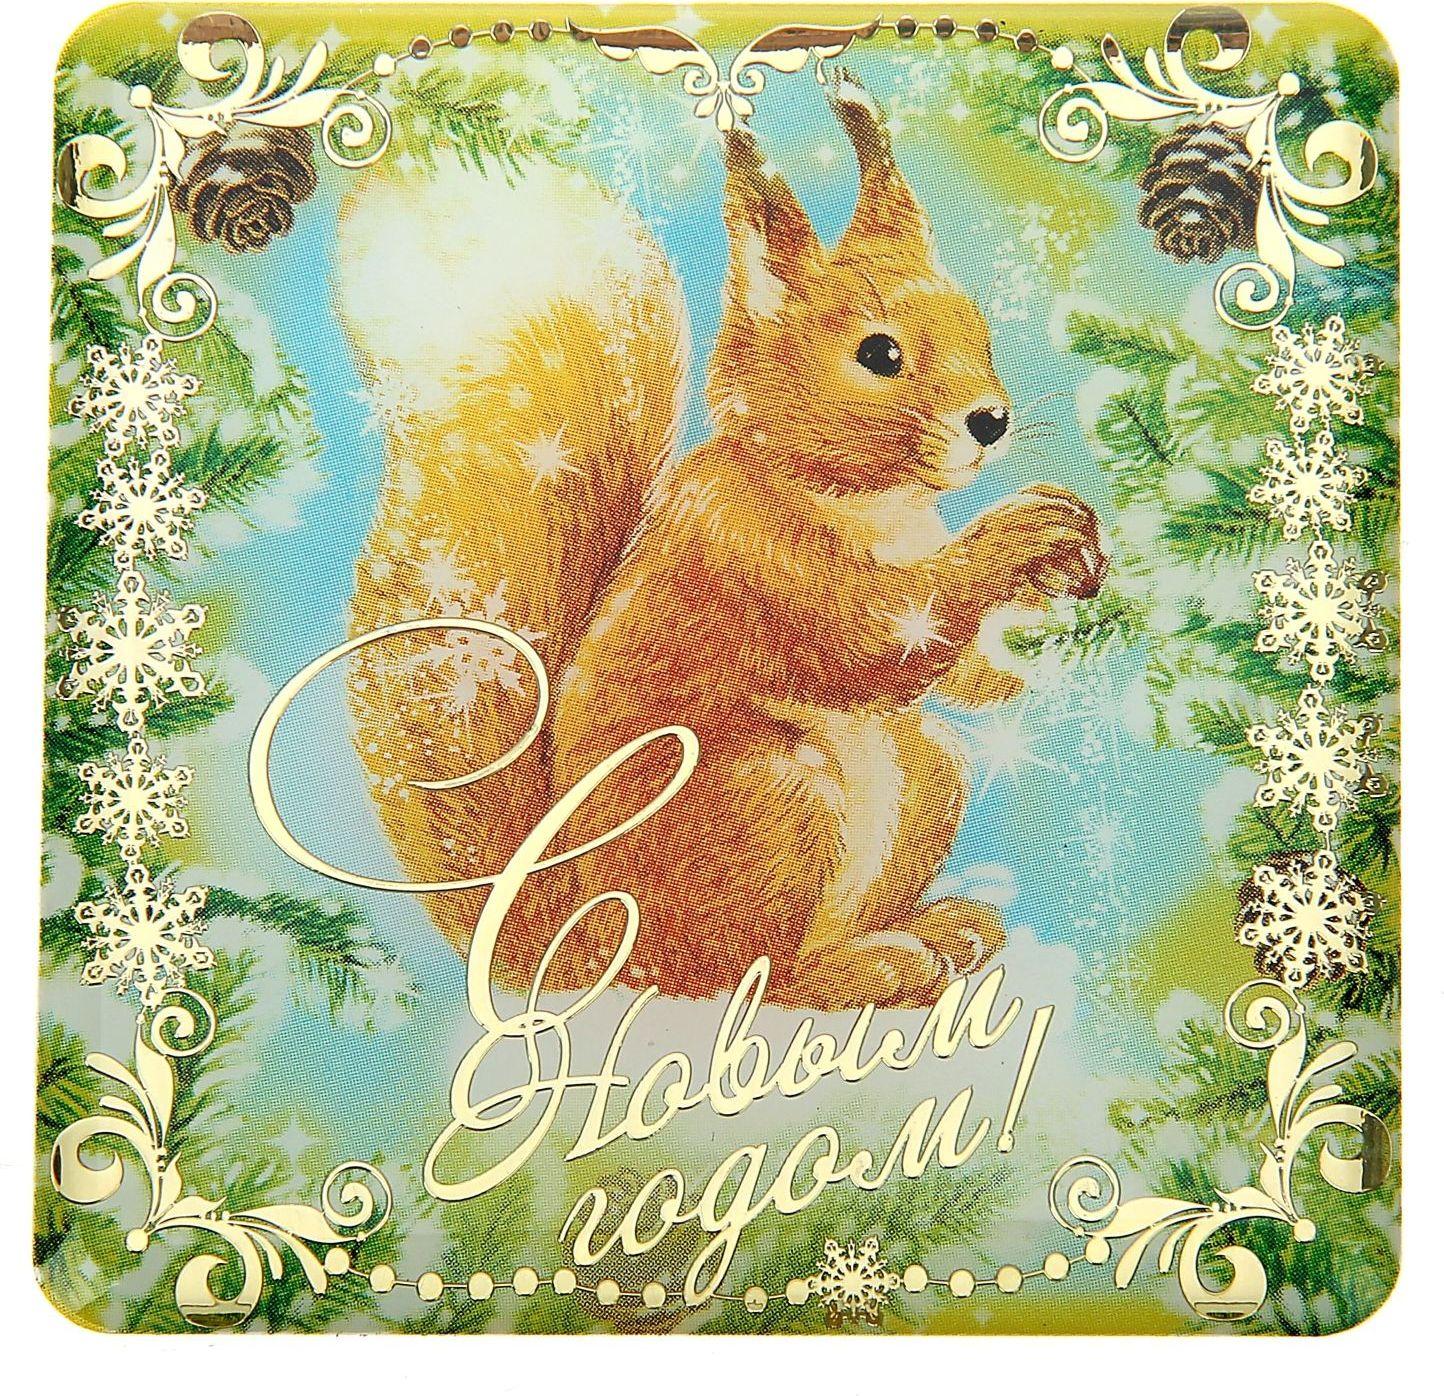 Магнит Sima-land Белочка, 6 х 6 см240516Порадуйте родных и близких оригинальным сувениром: преподнесите в подарок магнит Sima-land Белочка. С ним даже самый серьезный человек почувствует себя ребенком, ожидающим чудо! Создайте праздничное настроение, и оно останется с вами на весь год. Размер: 6 х 6 см.